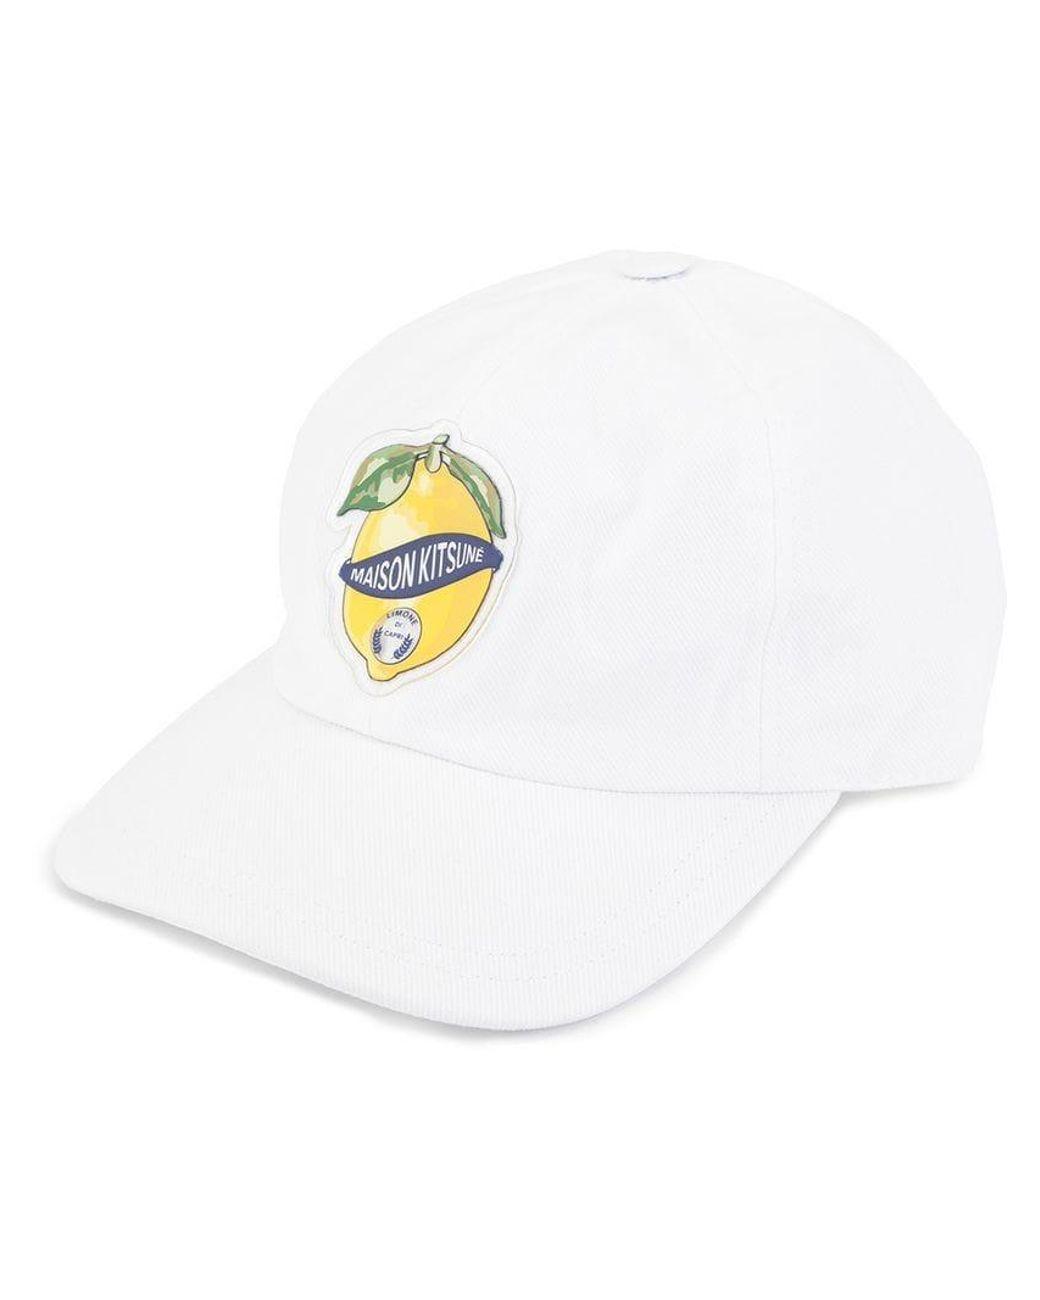 9e121d869a32b Maison Kitsuné Lemon Patch Baseball Cap in White - Lyst